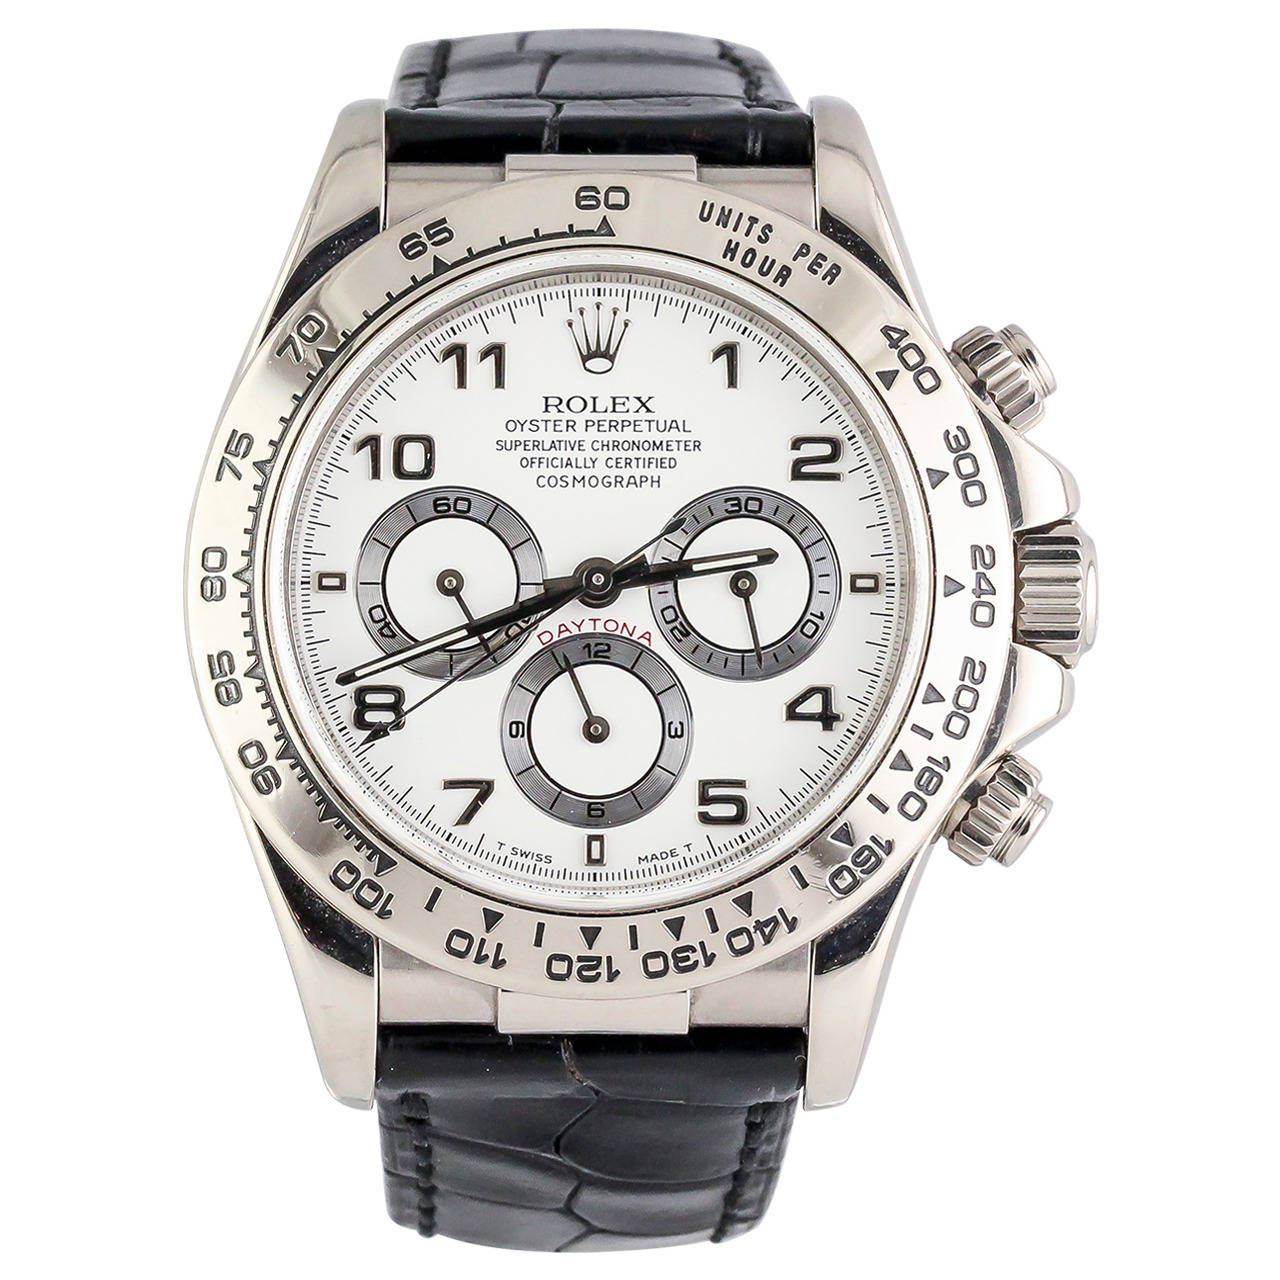 Rolex White Gold Daytona Chronograph Automatic Wristwatch